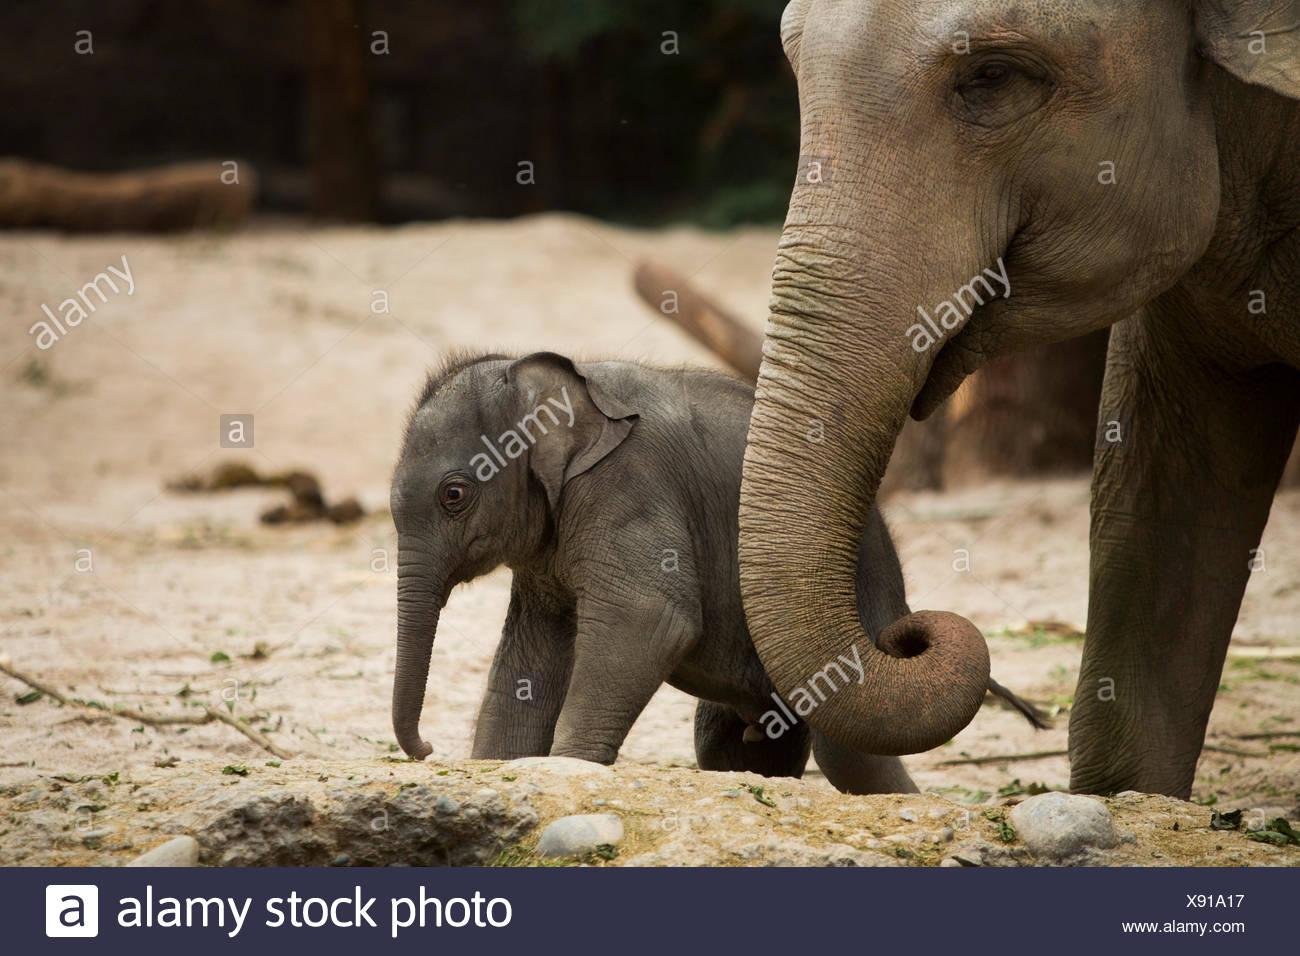 Animali, elefanti, giovani, elefante, zoo di Zurigo, animali, animale, canton Zurigo, zoo, Svizzera, Europa Immagini Stock